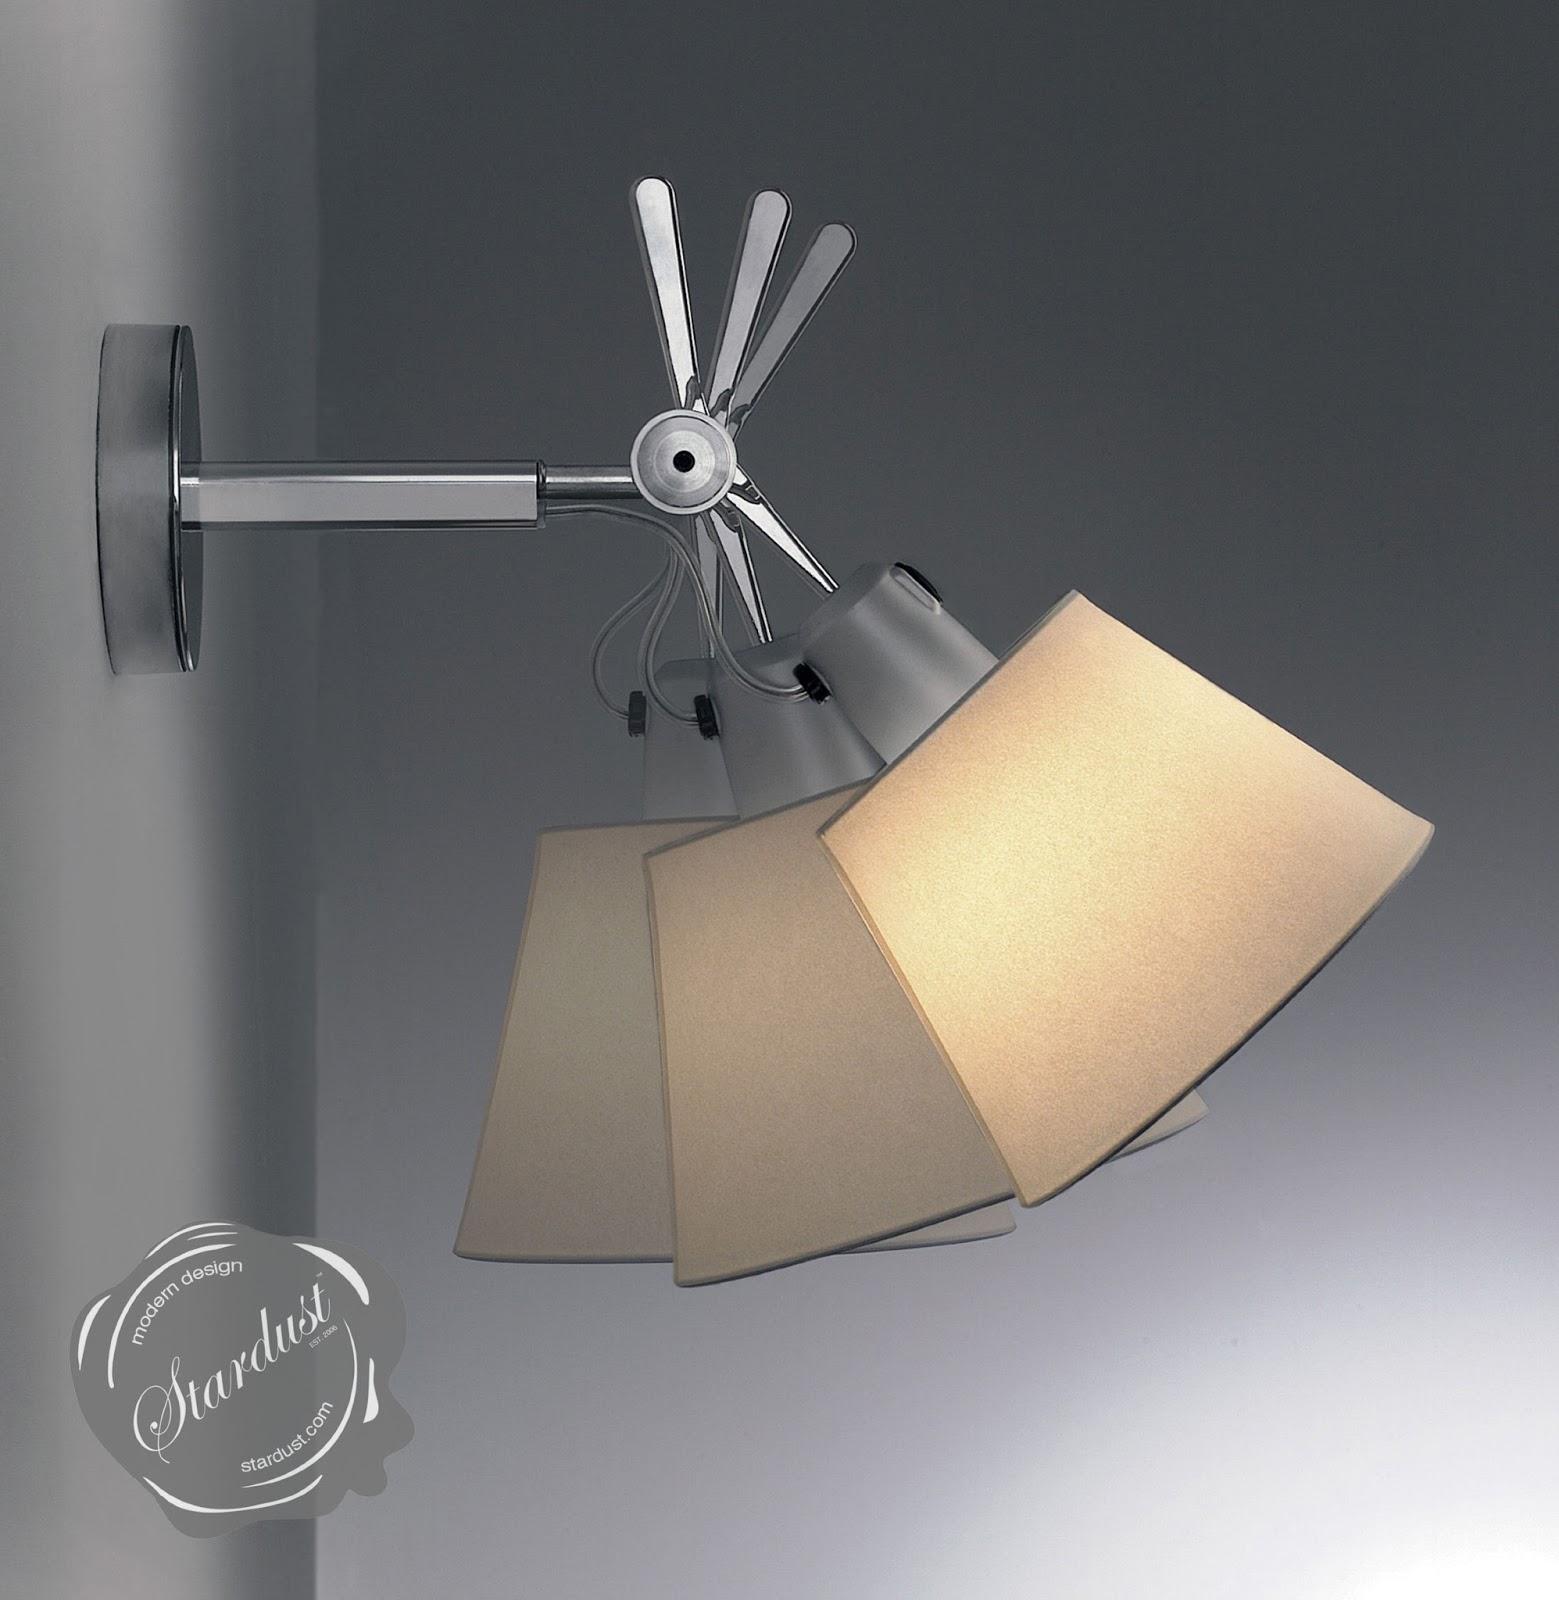 Shade Wall Tolomeo Shade Wall Lamp